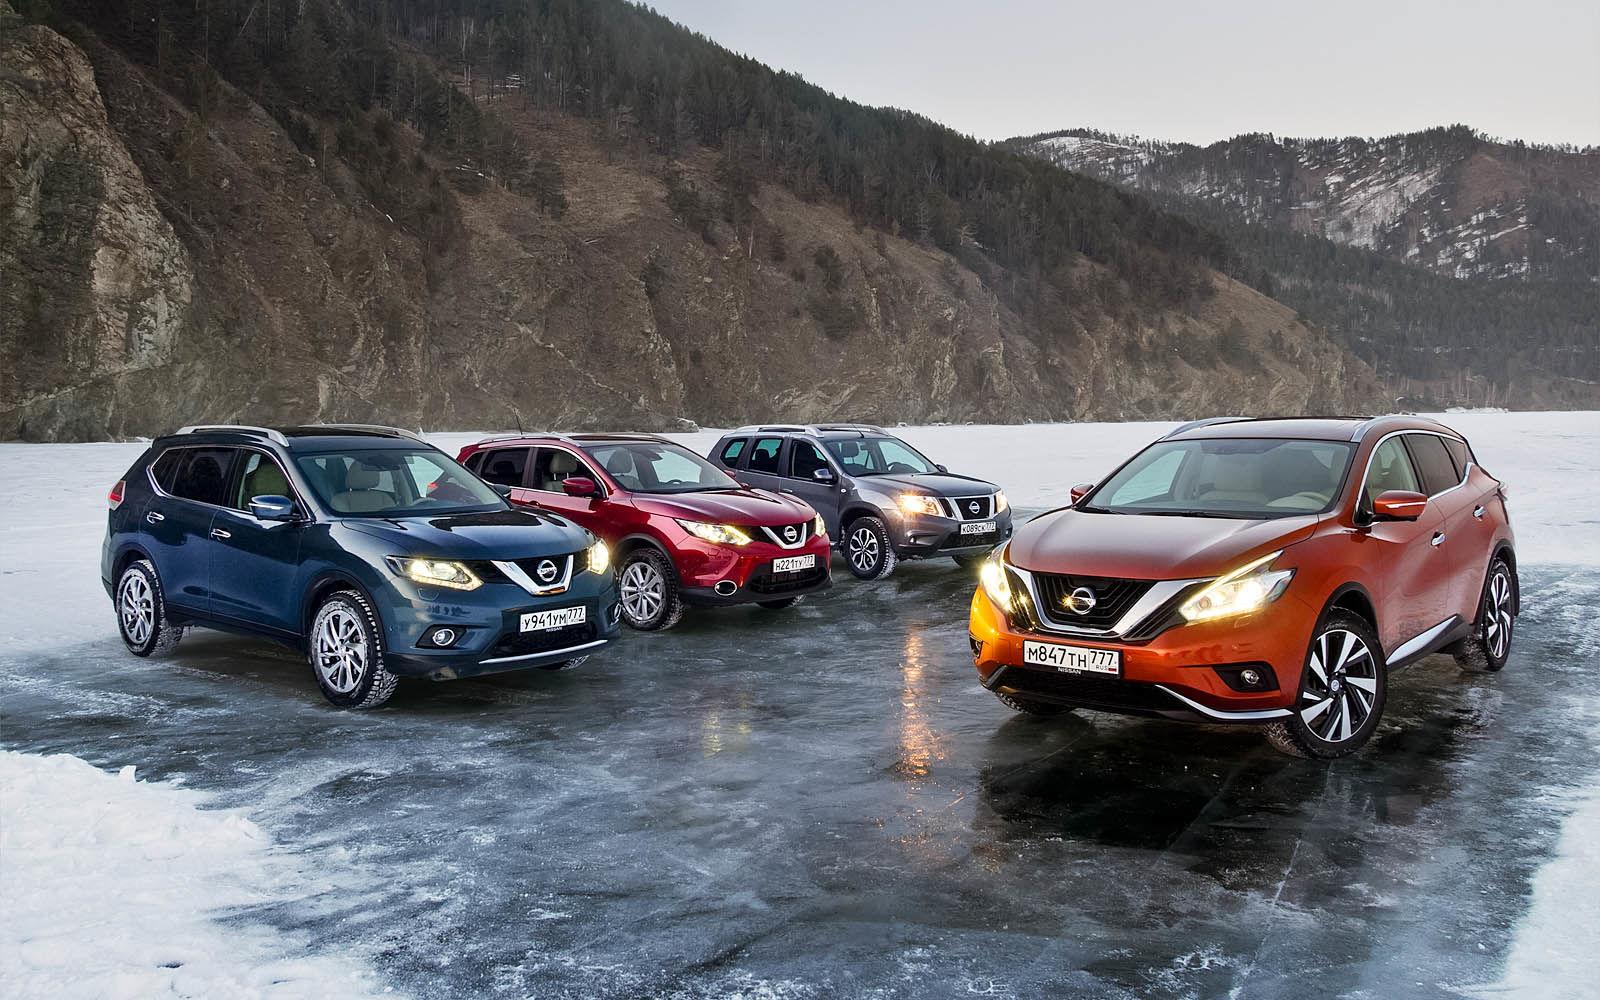 В России насчитали более 10,5 млн авто сегмента SUV